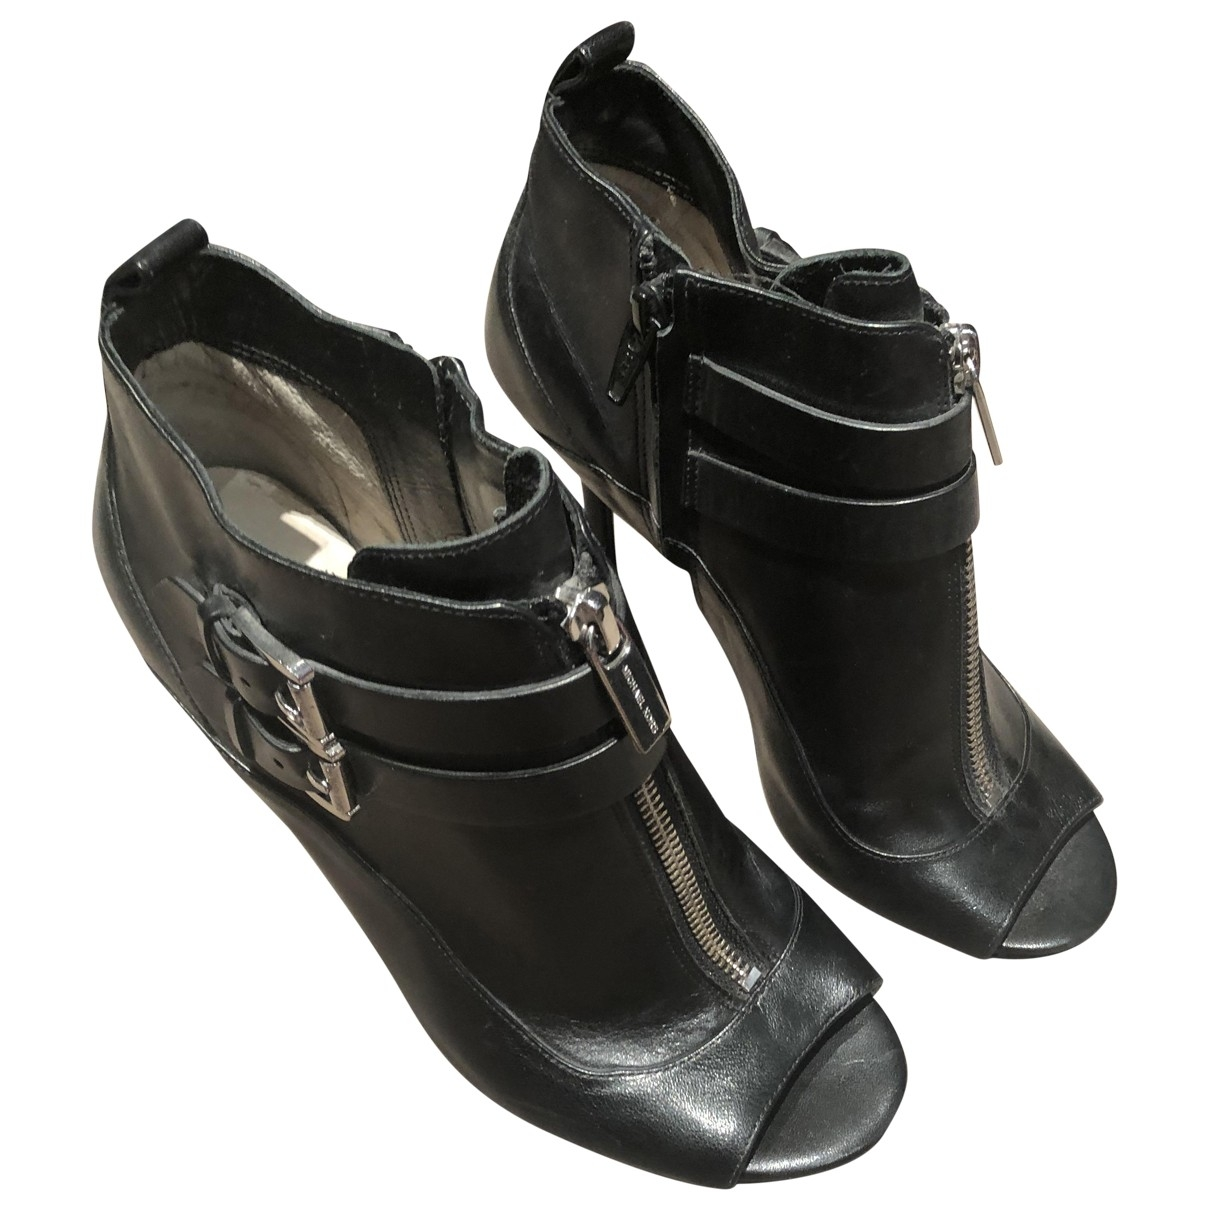 Michael Kors - Escarpins   pour femme en cuir - noir